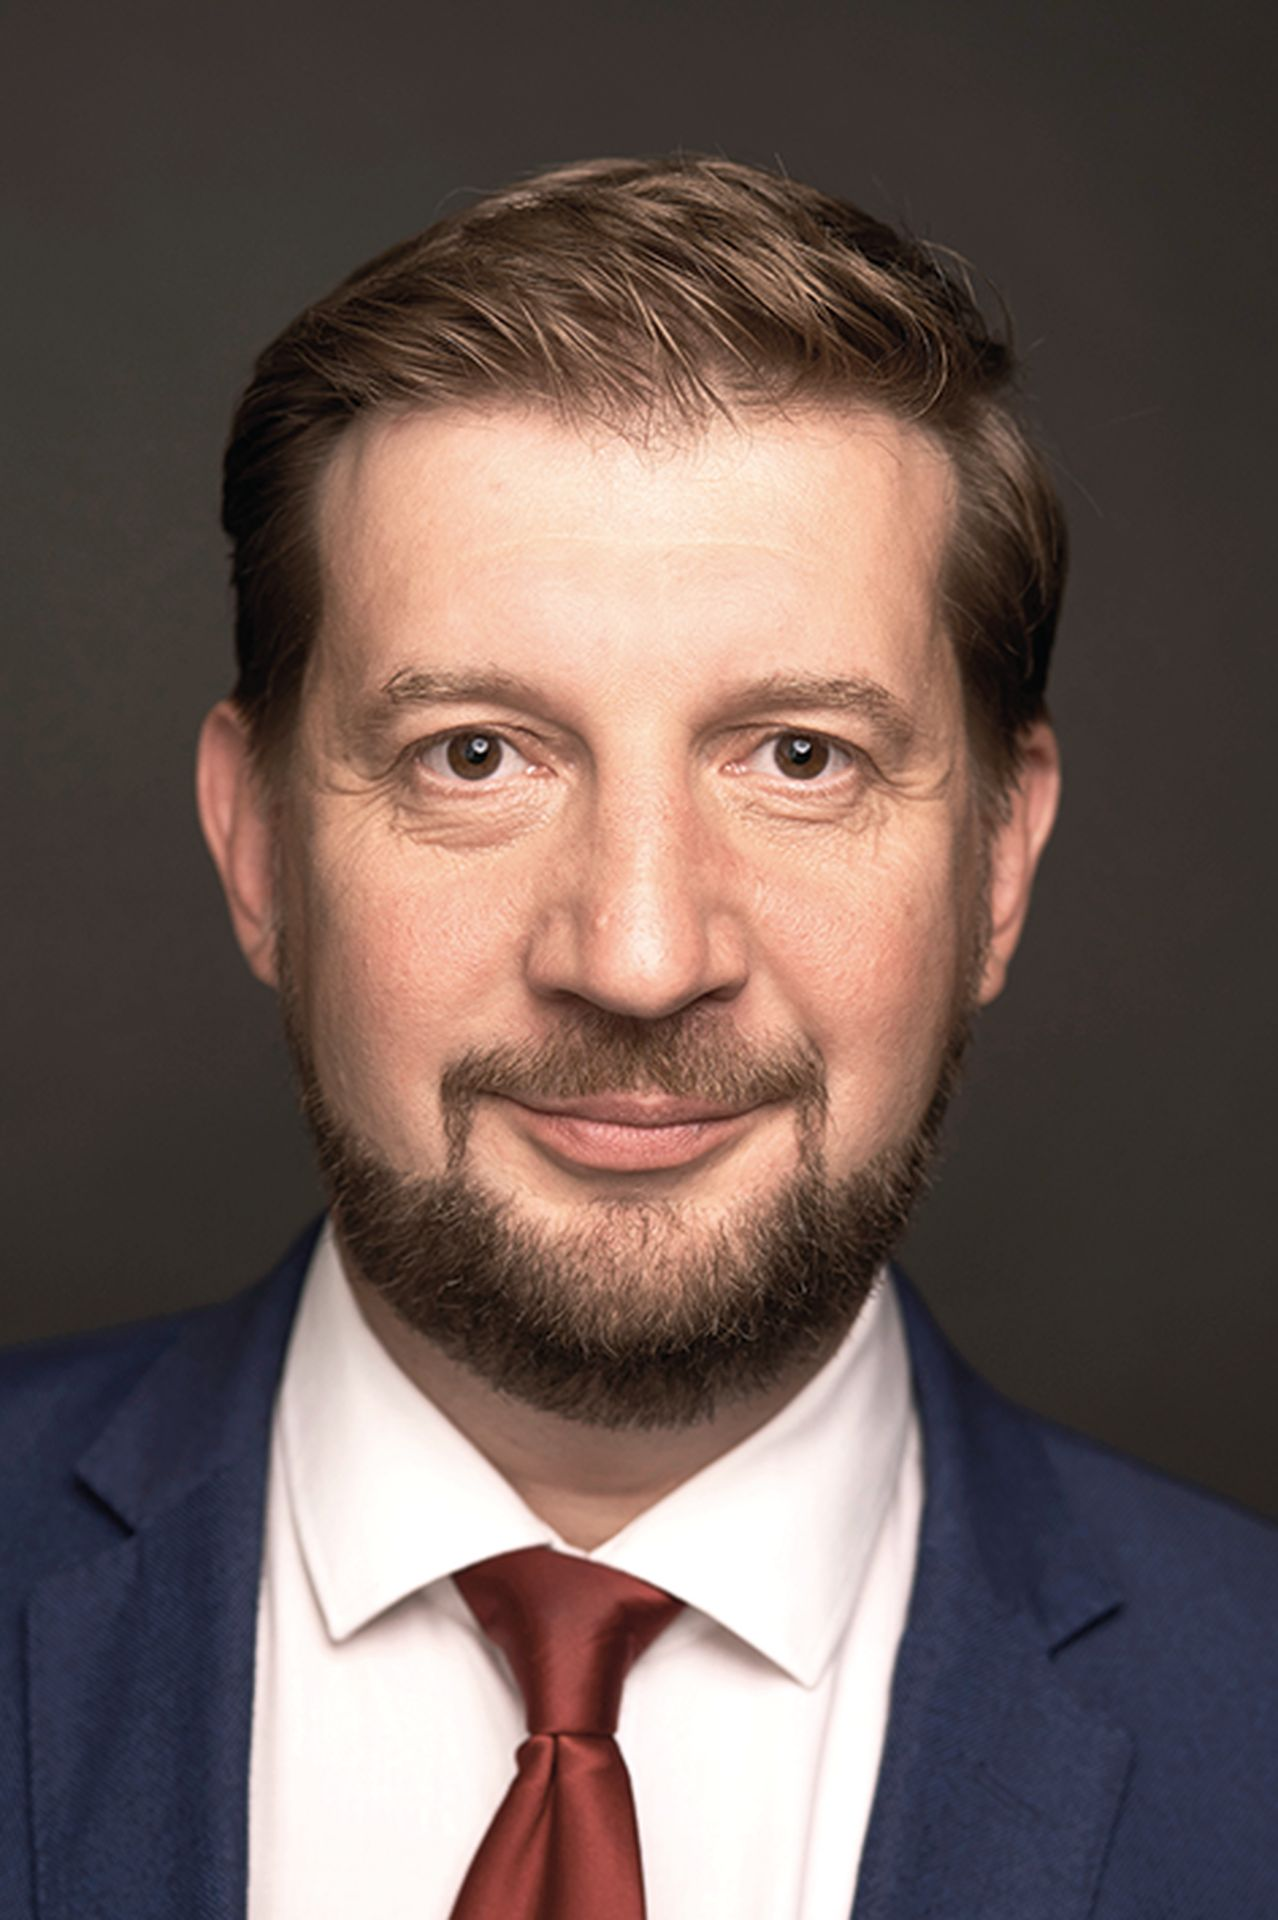 Andrejs Klementjevs